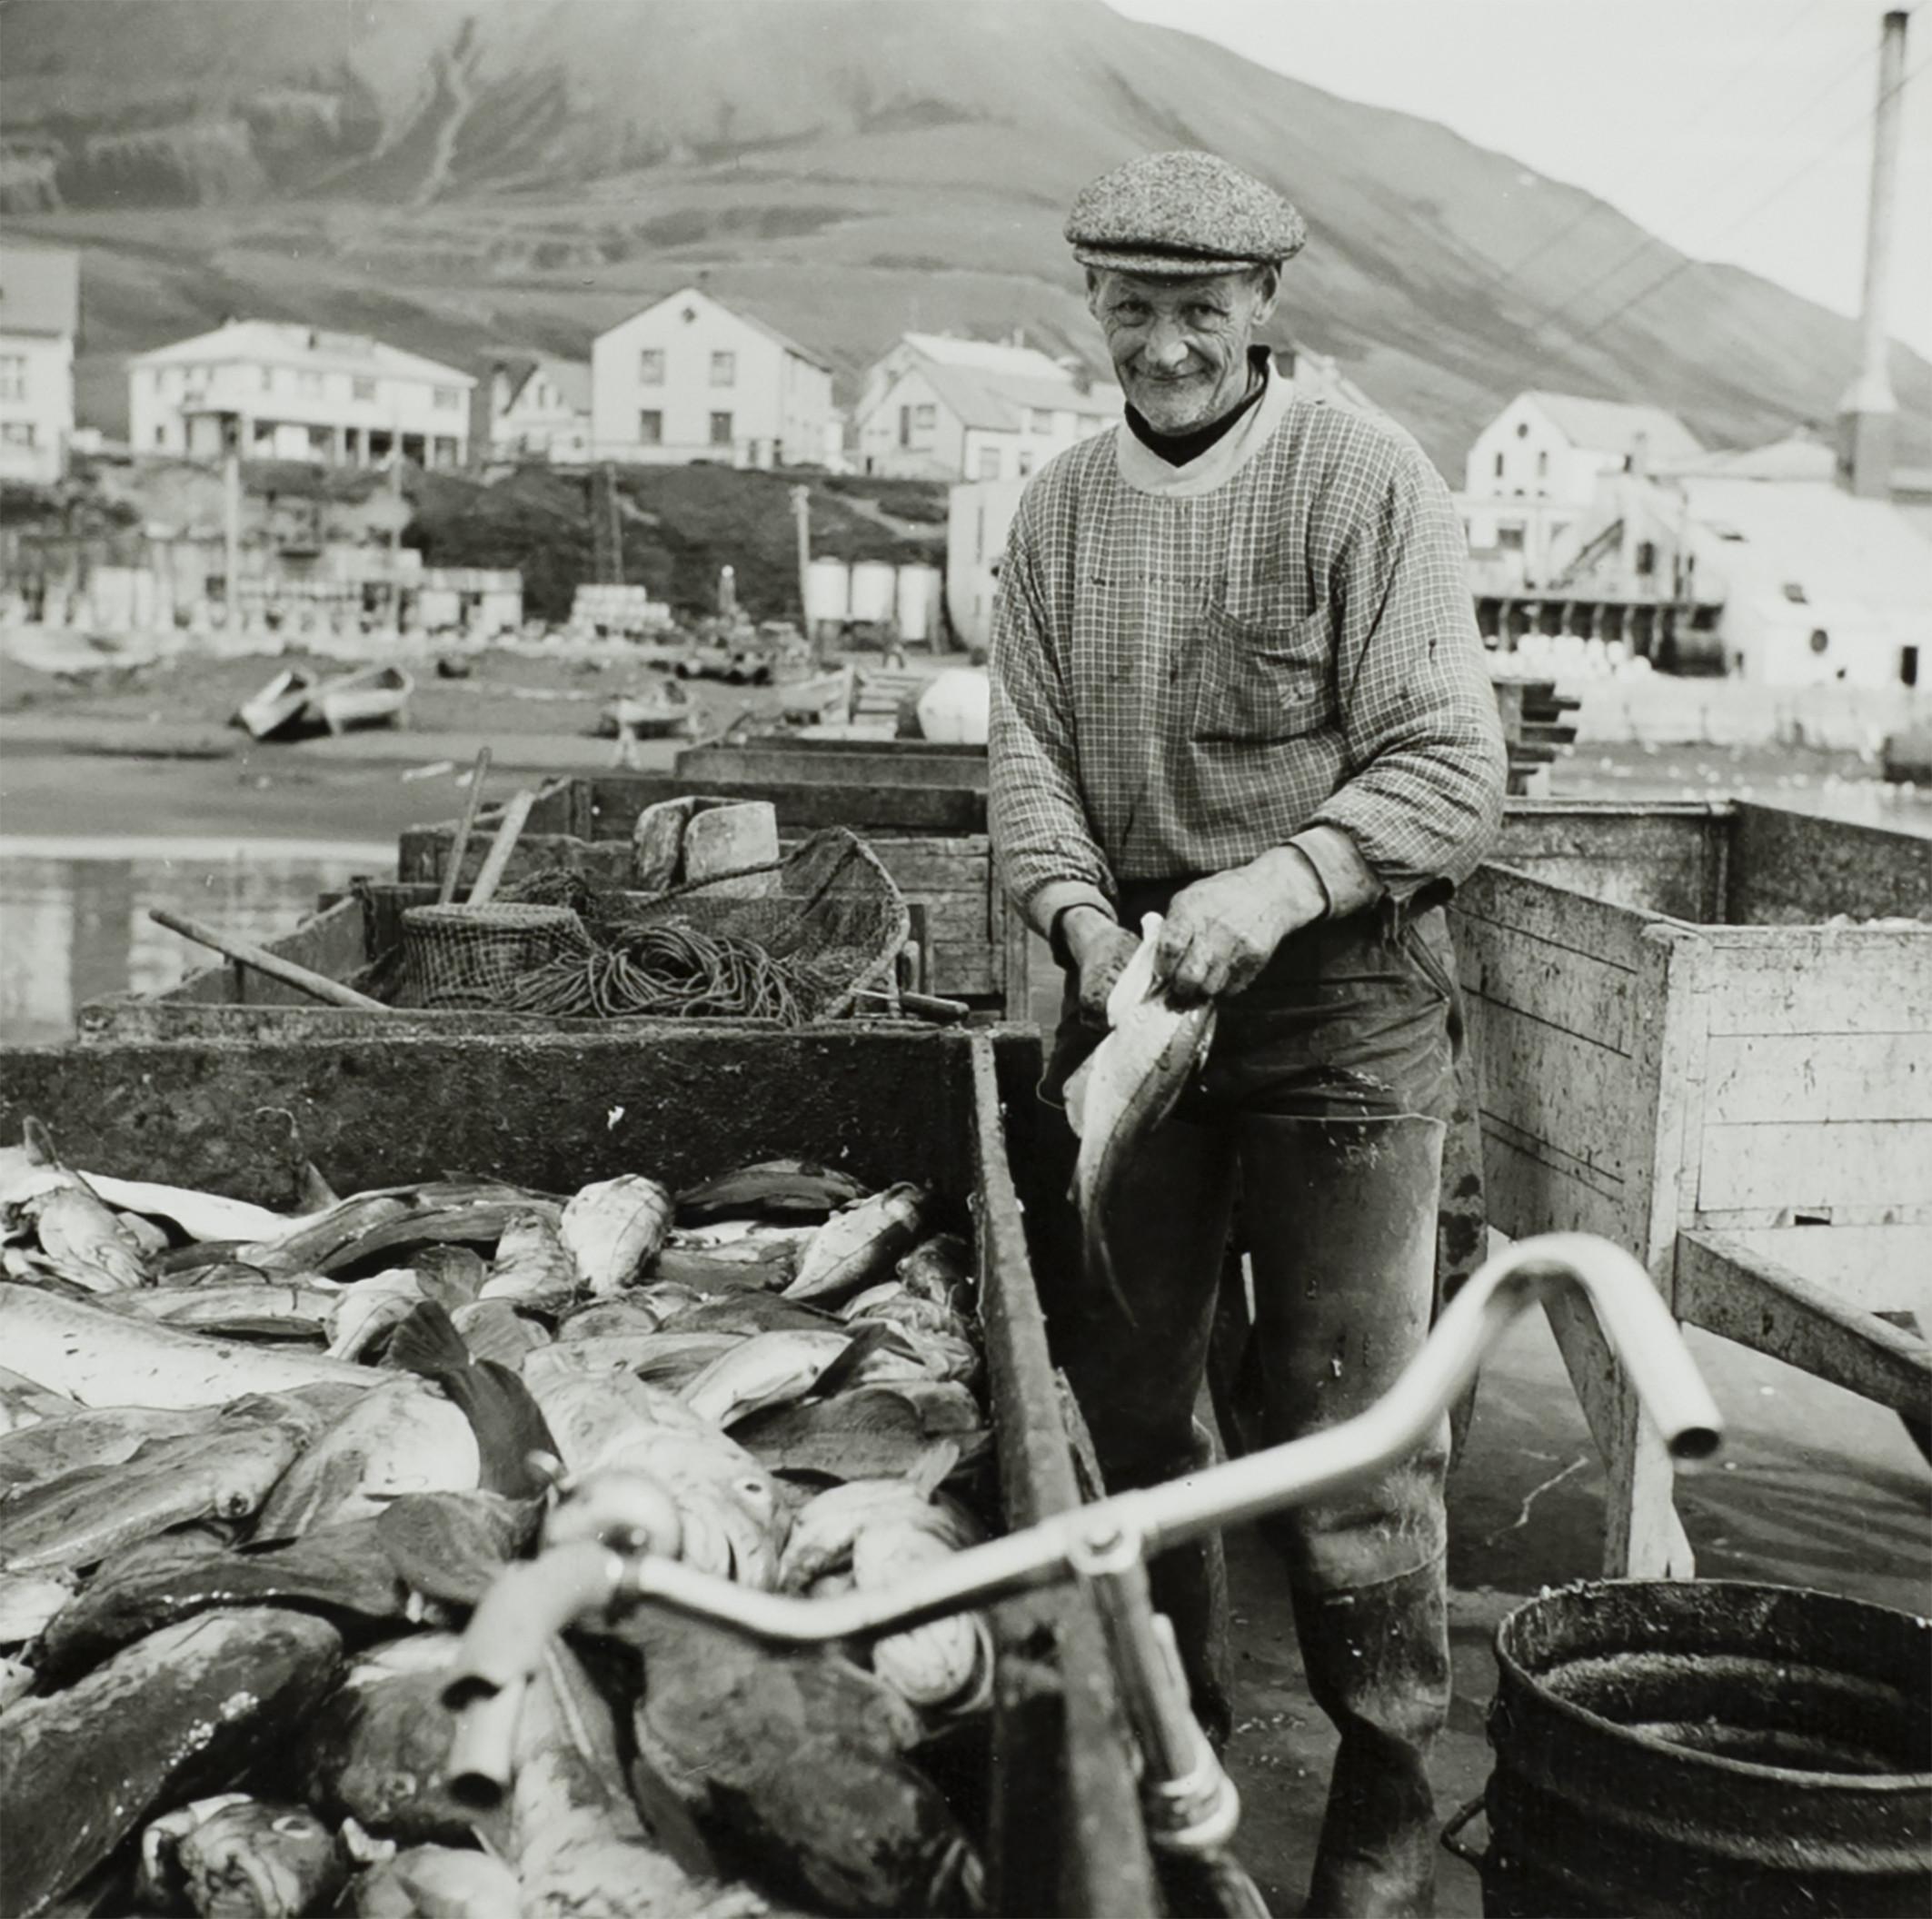 Svartvit bild av fiskare på Island. Står vid en stor behållare full med fisk och har en av fiskarna i händerna. Cykelstyre syns i förgrunden, i bakgrunden syns fler träbehållare med nät i, samt flera hus på andra sidan vattnet.